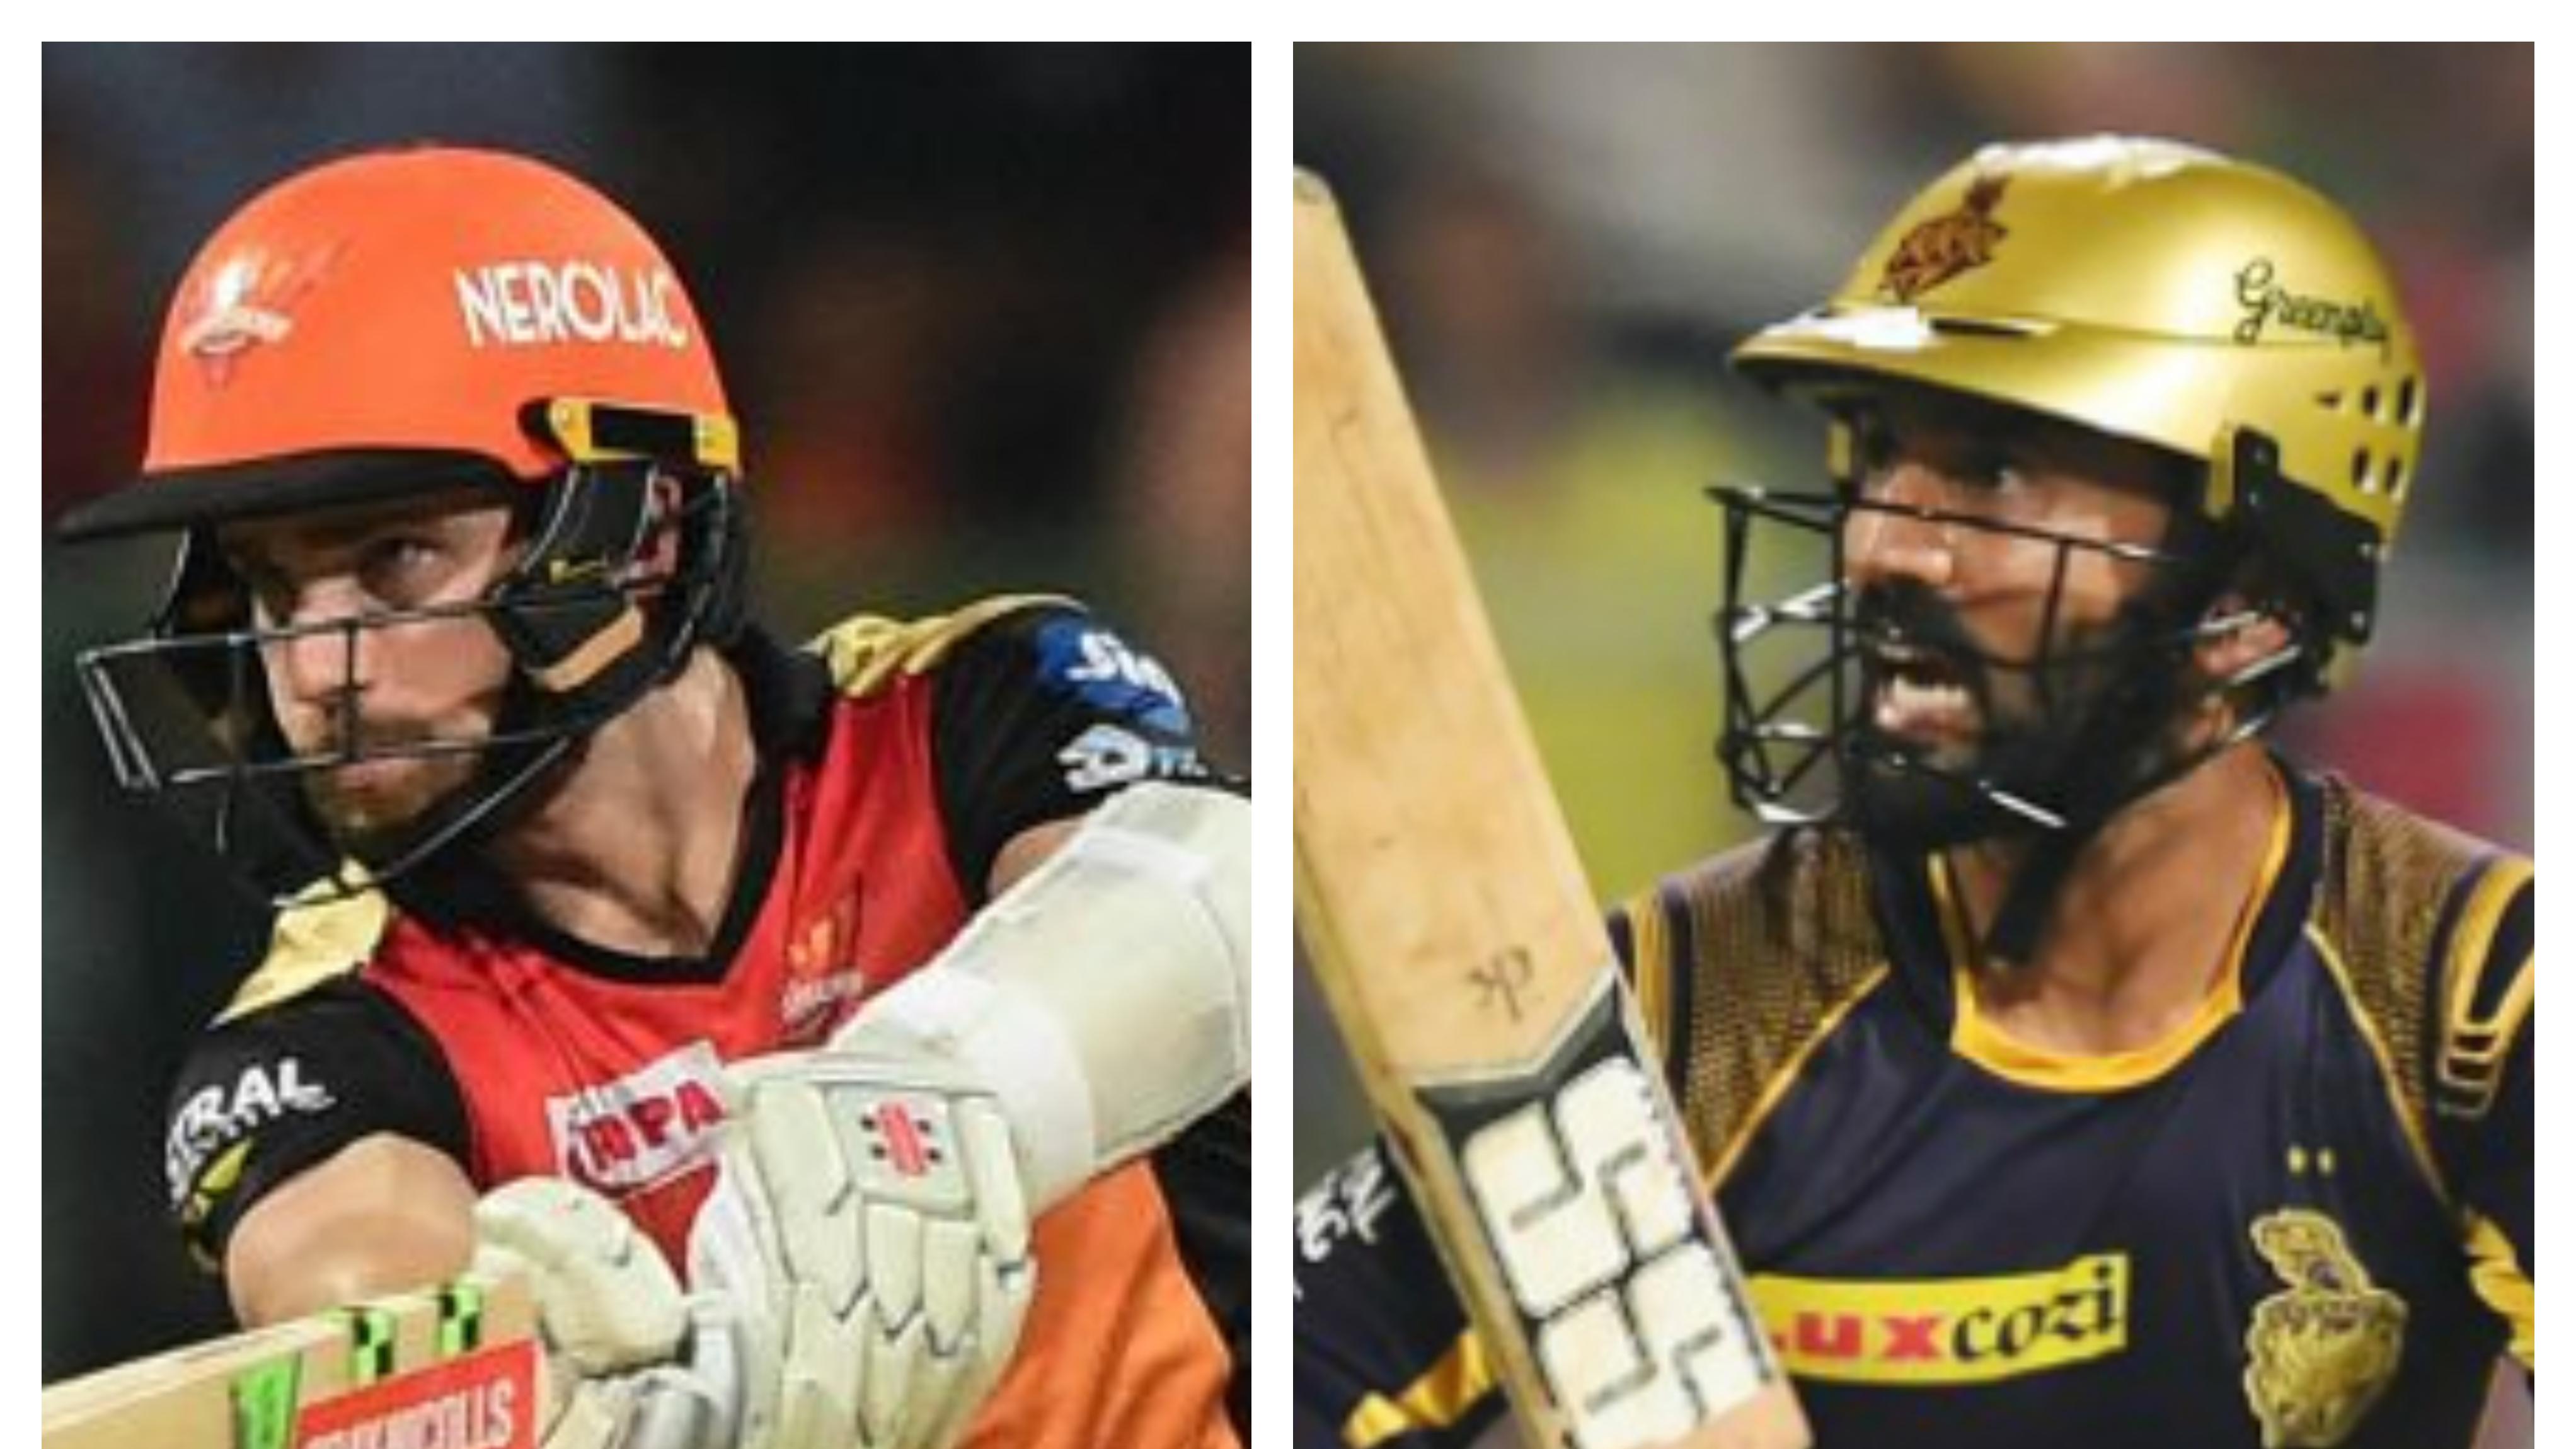 IPL 2018: SRH v KKR- प्लेऑफ में जगह बनाने के लिए आज हैदराबाद को हराने उतरेगी कोलकाता की टीम